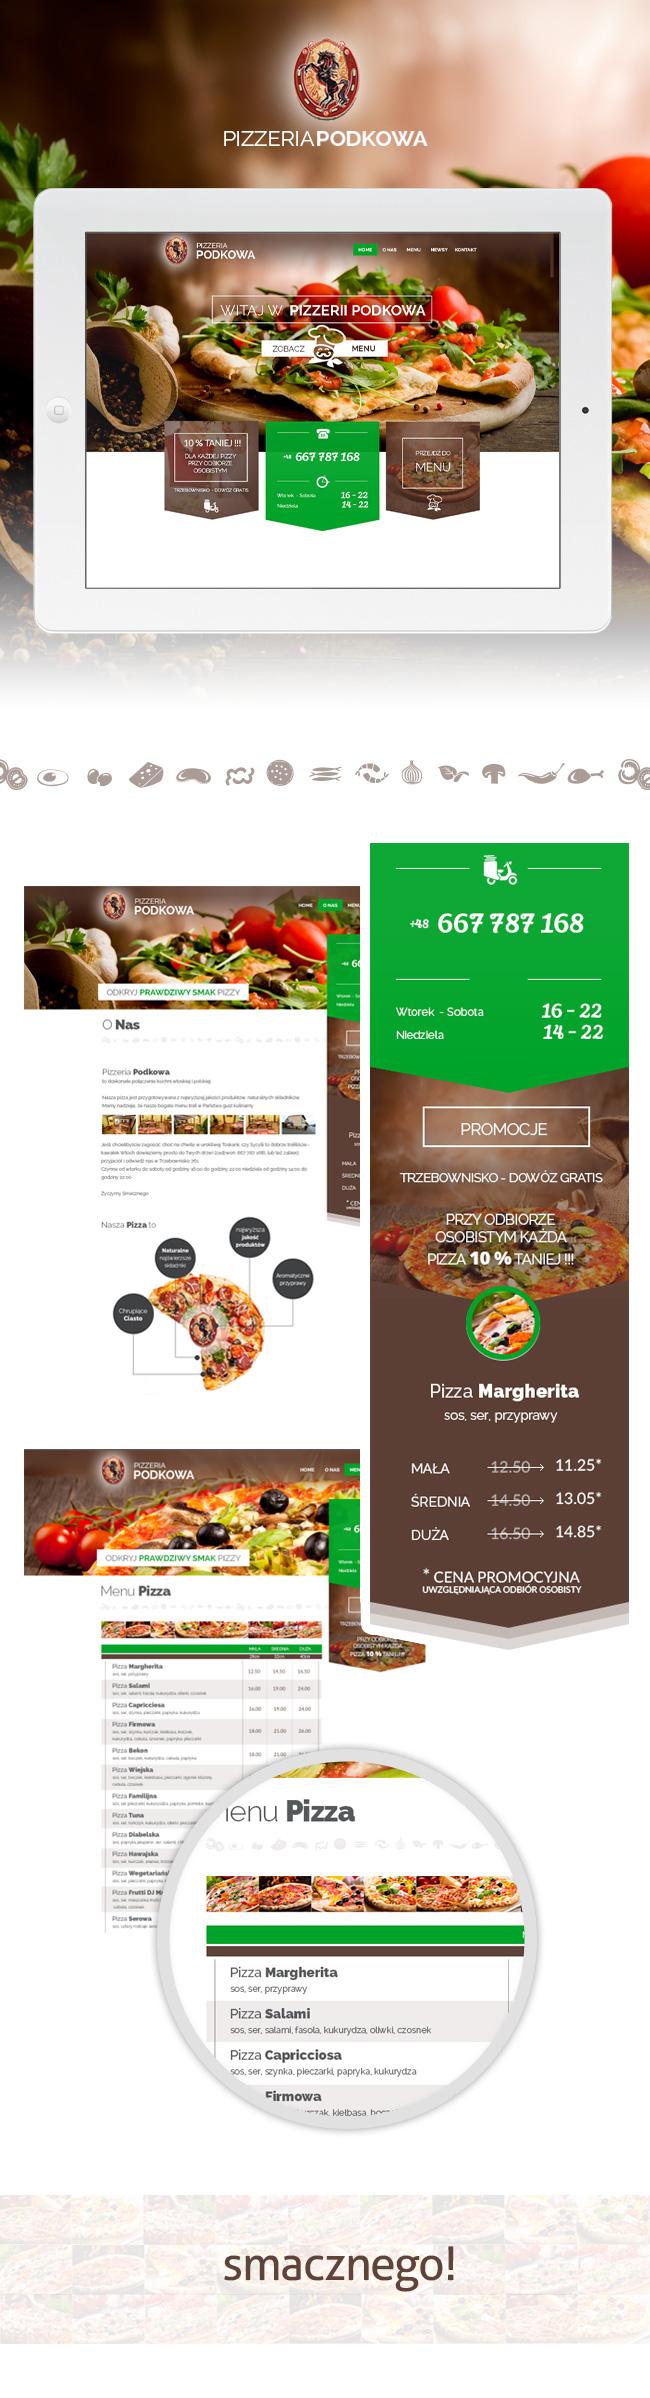 pizzeria-podkowa-strona-www